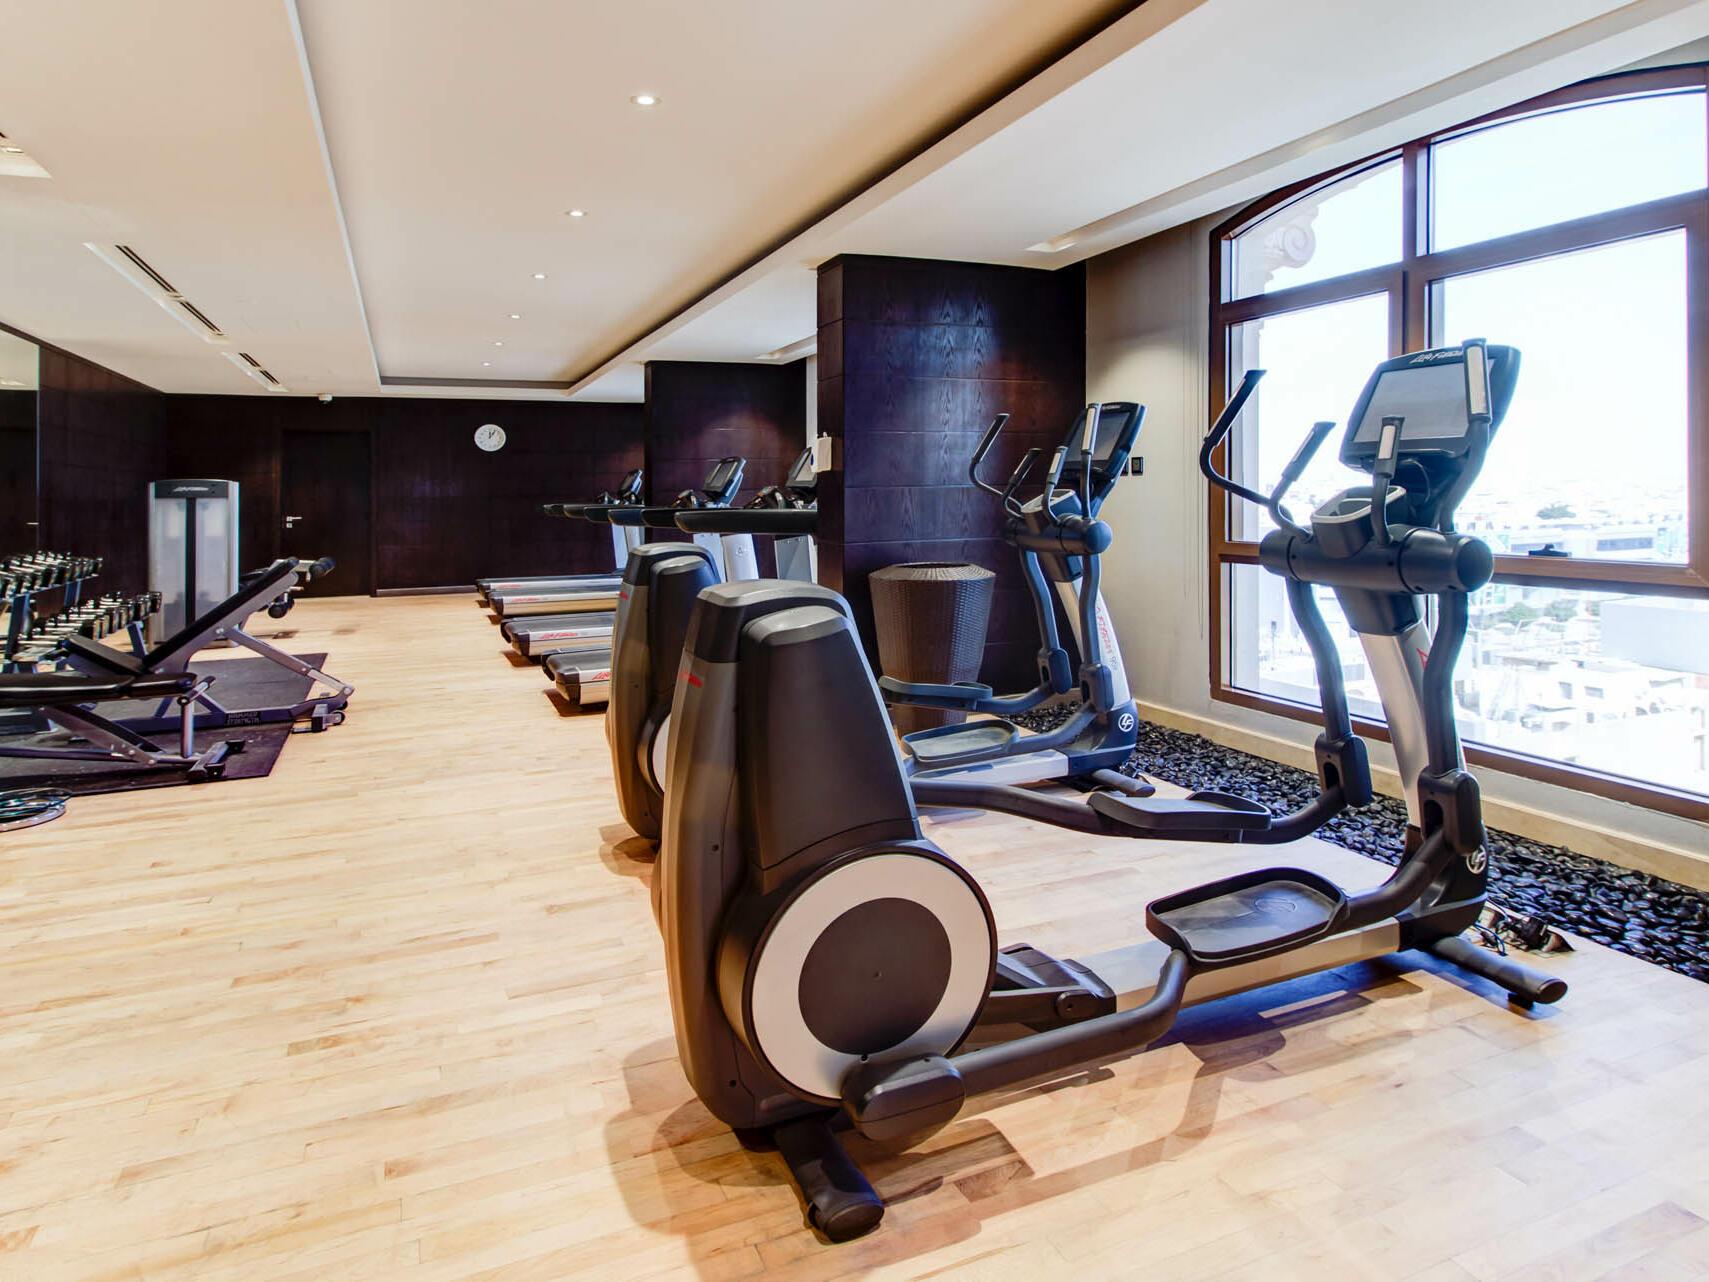 Gym at Narcissus Hotel & Spa Riyadh